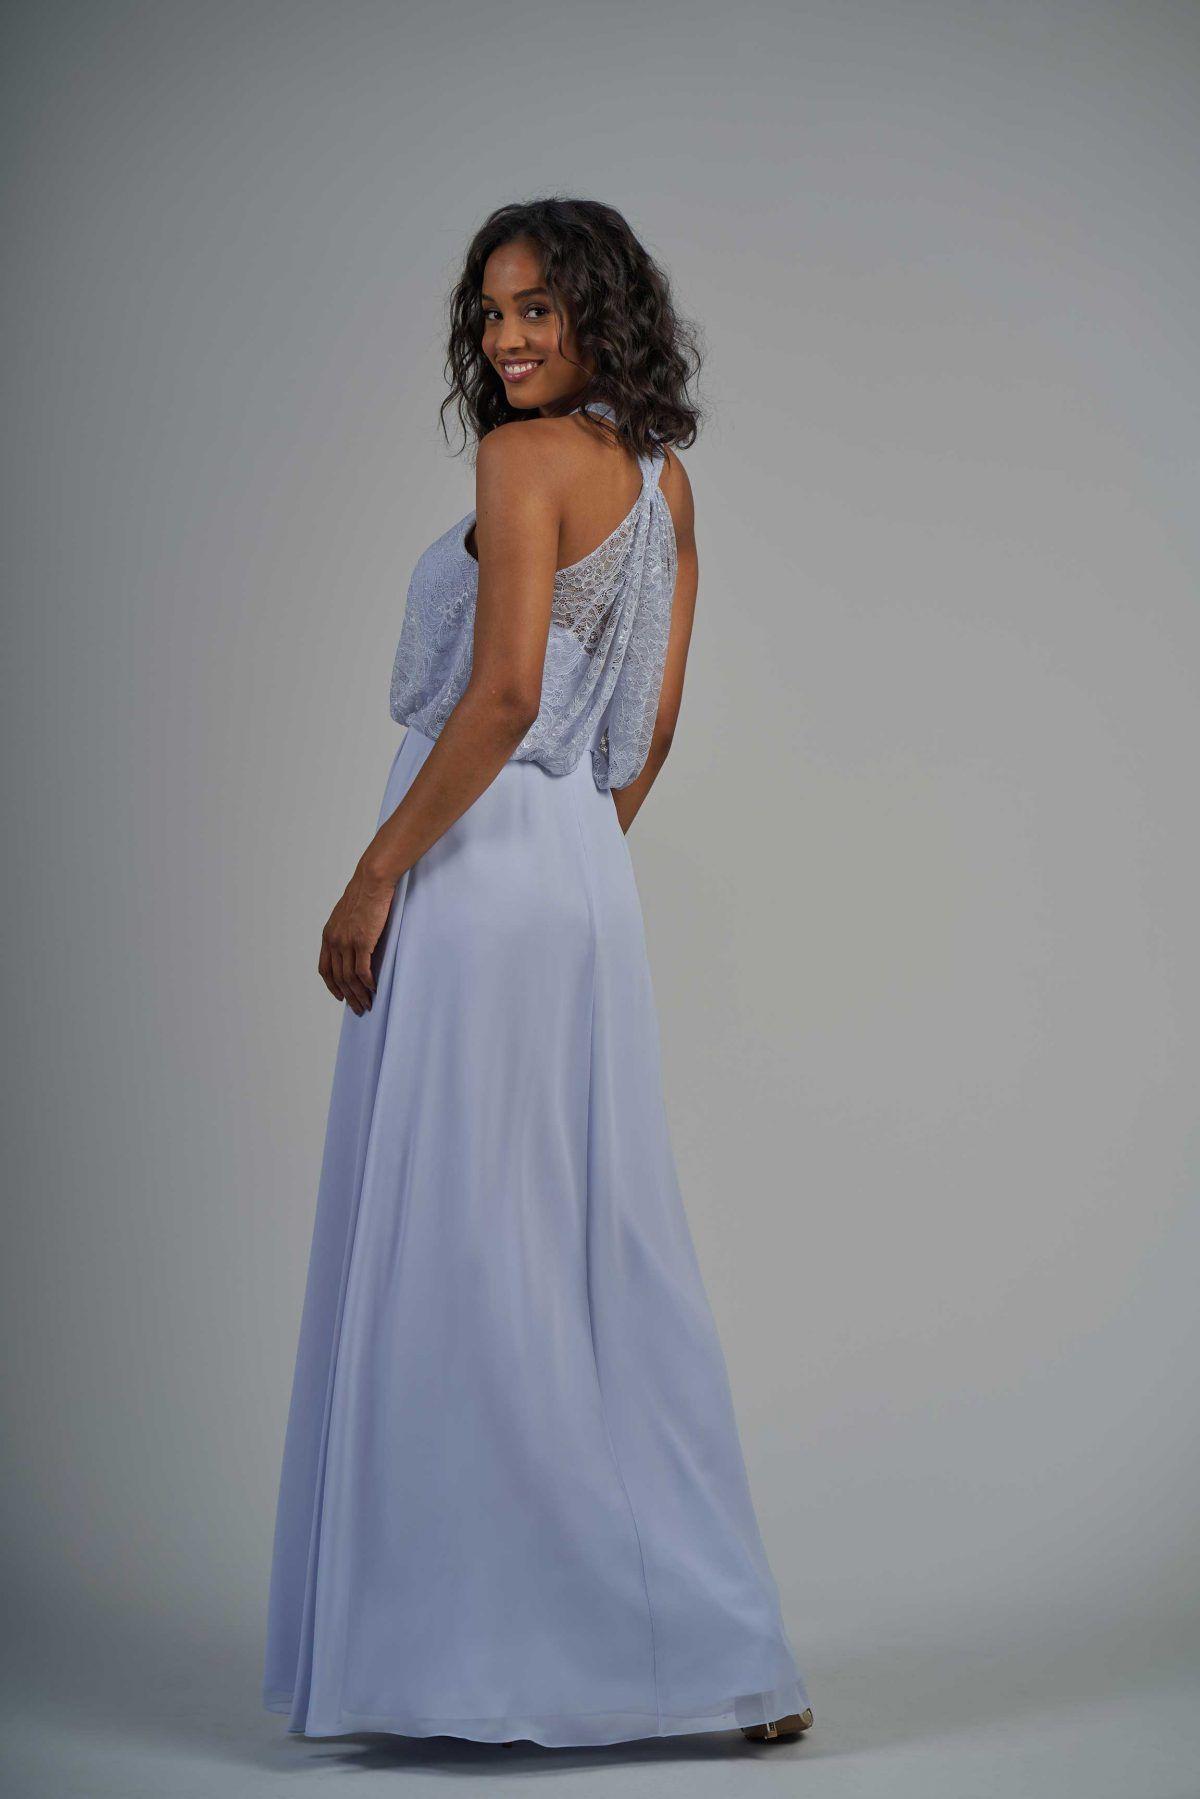 Abendmode Jasmine  Abendkleid, Mode, Modestil